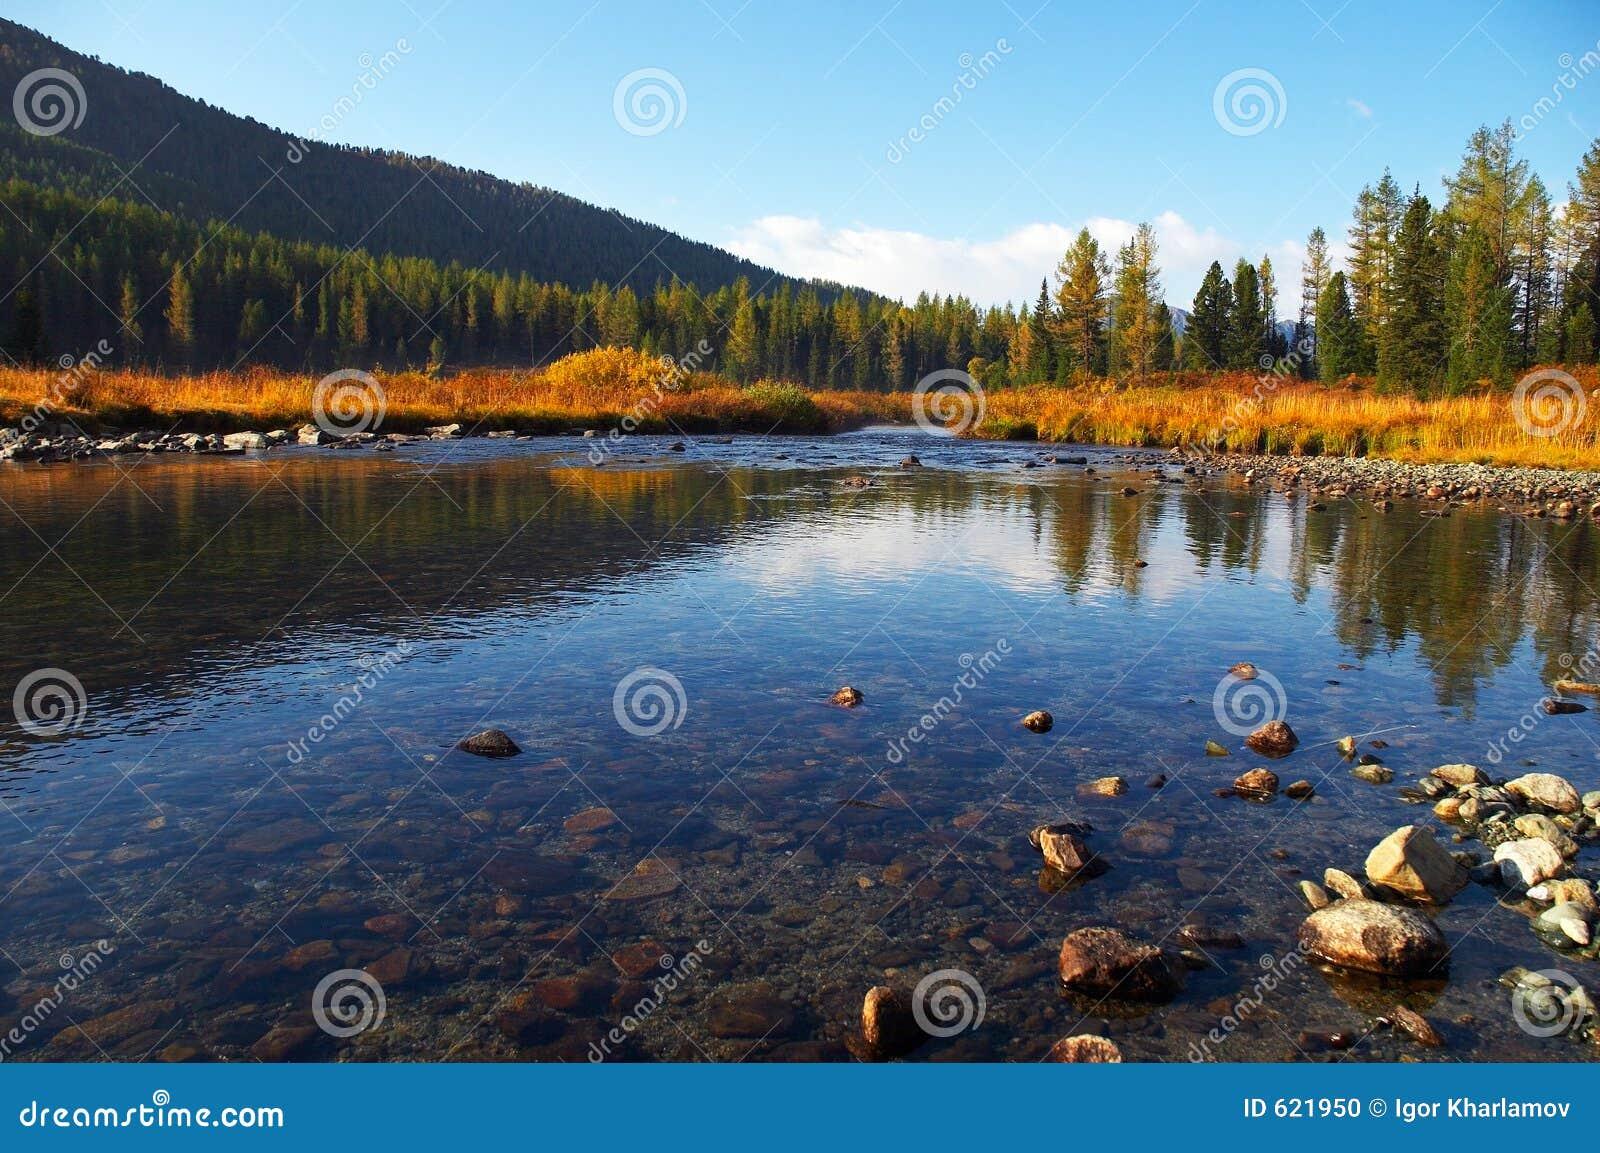 Diep blauw water in rivier.